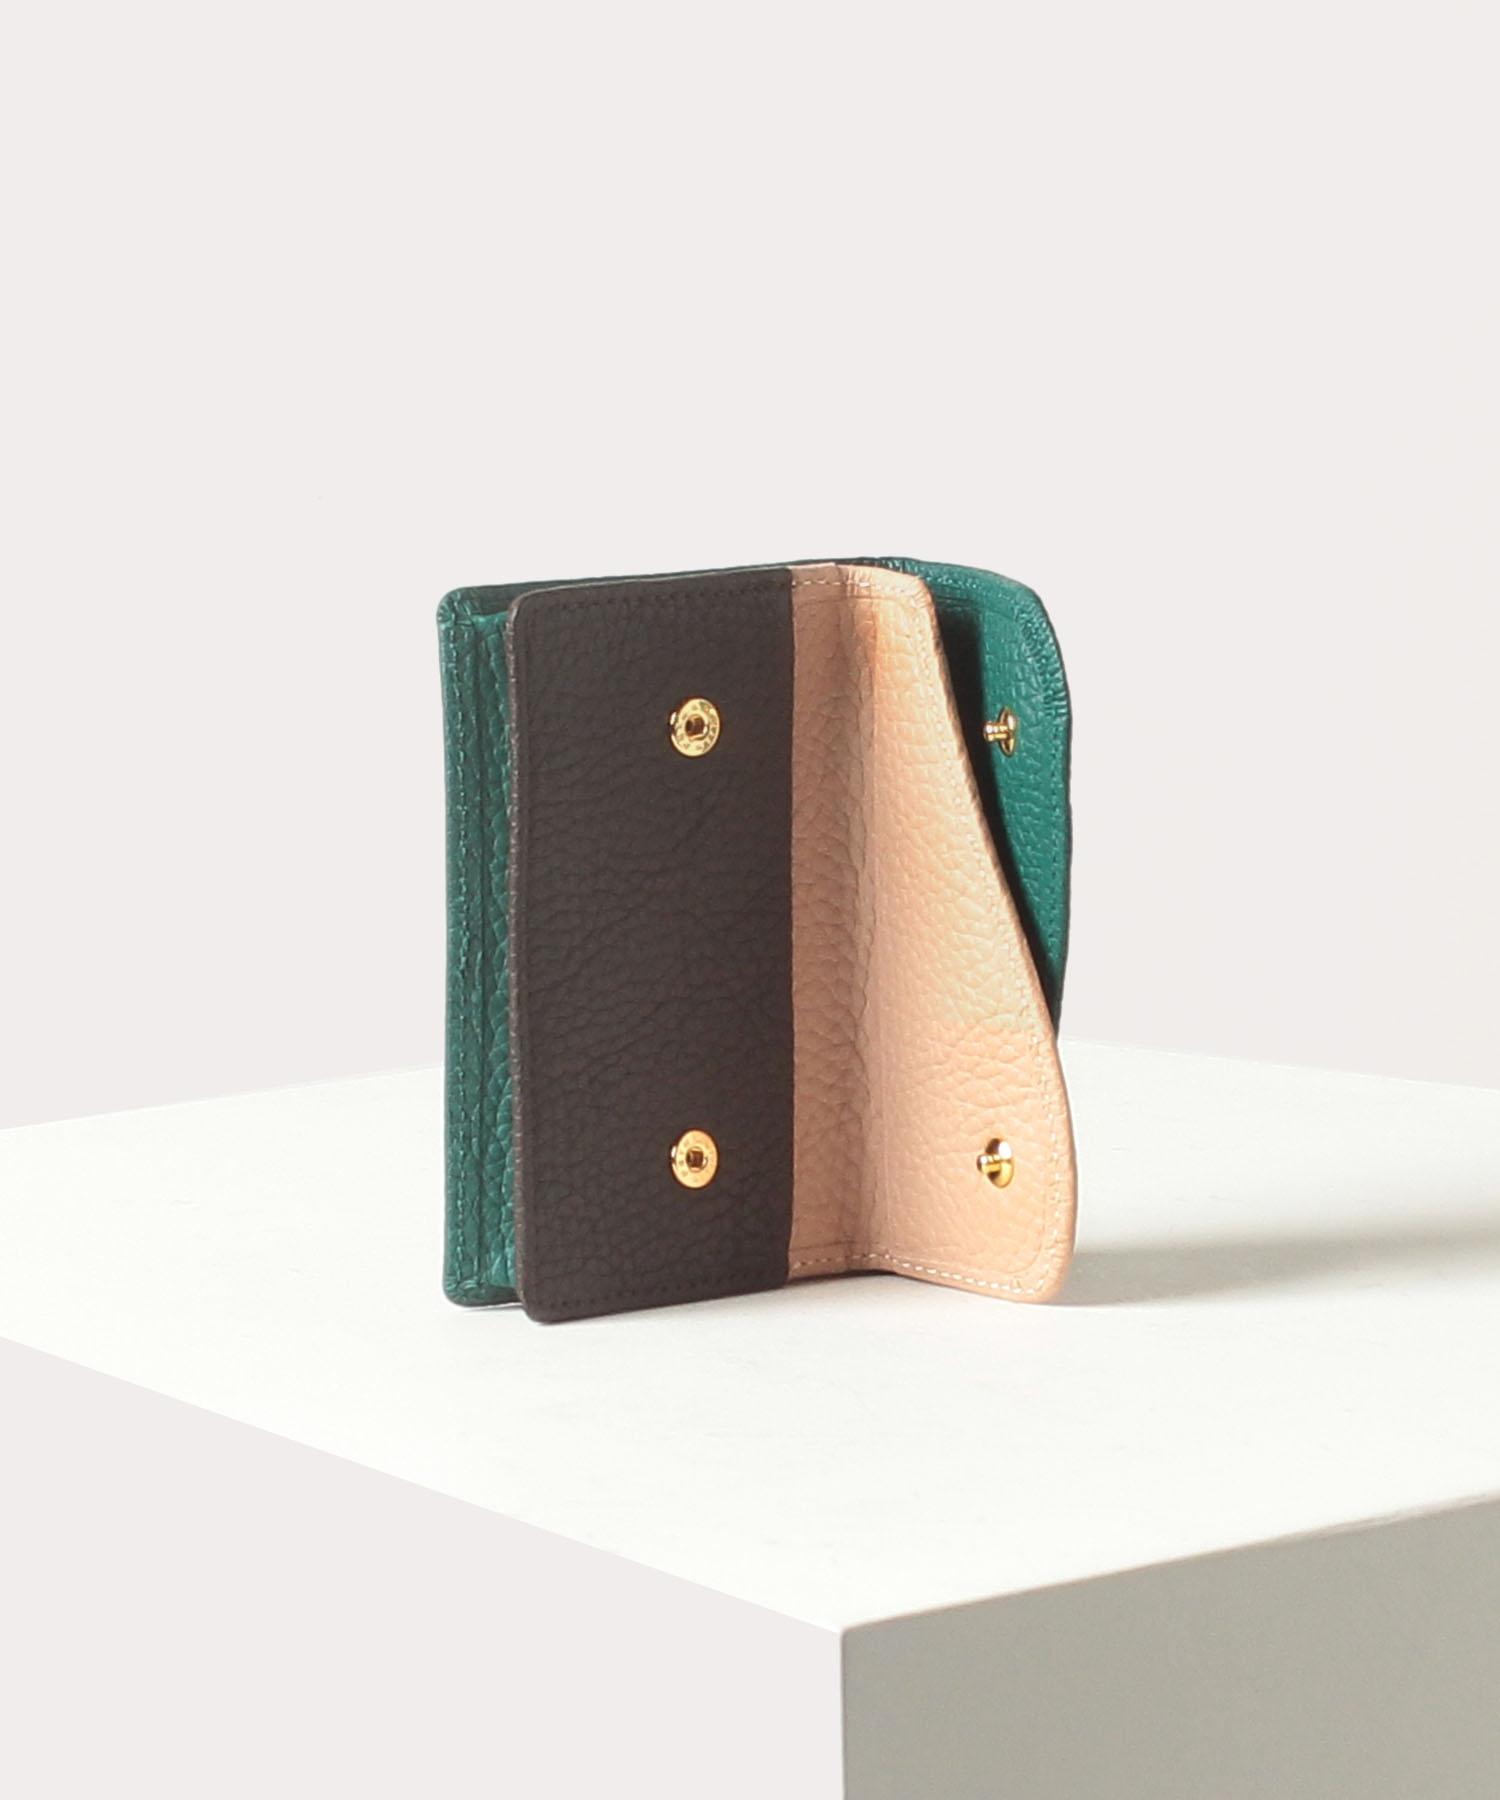 ダブルフラップ カードケース